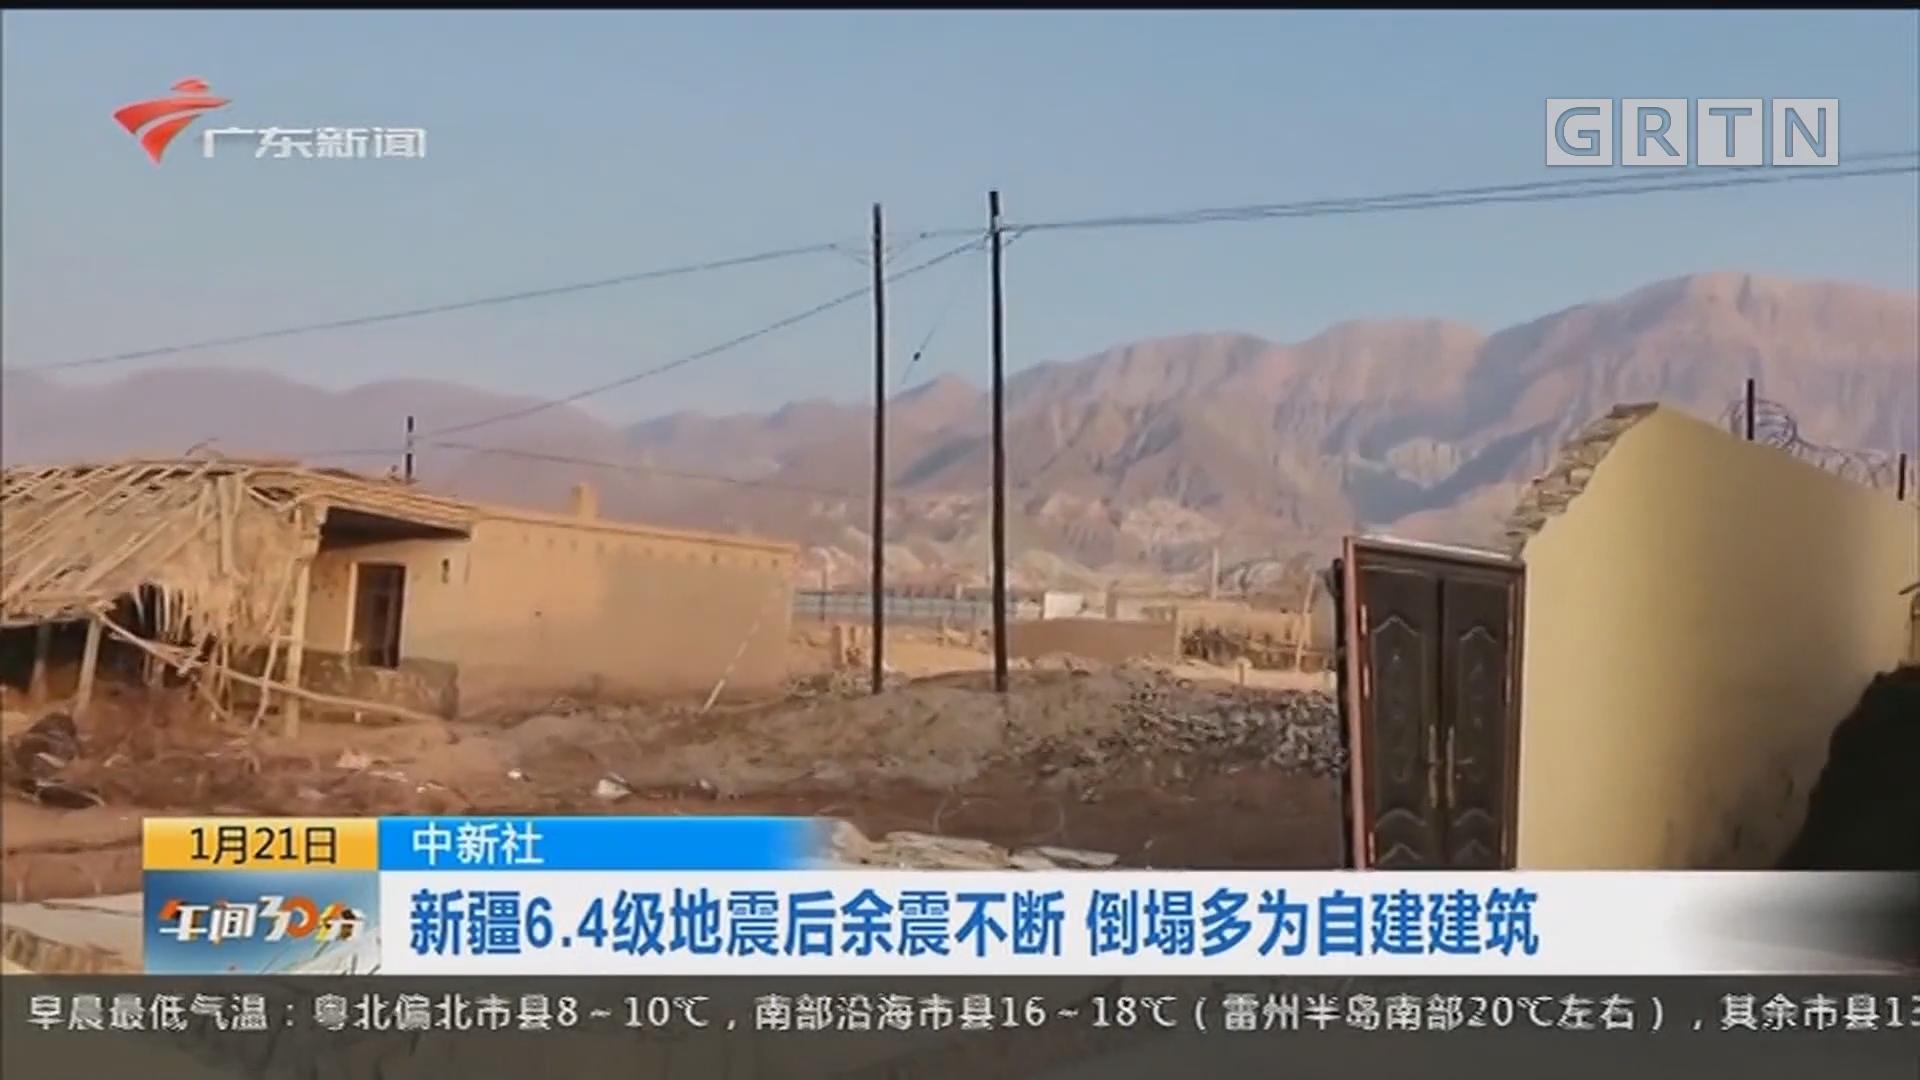 中新社:新疆6.4级地震后余震不断 倒塌多为自建建筑